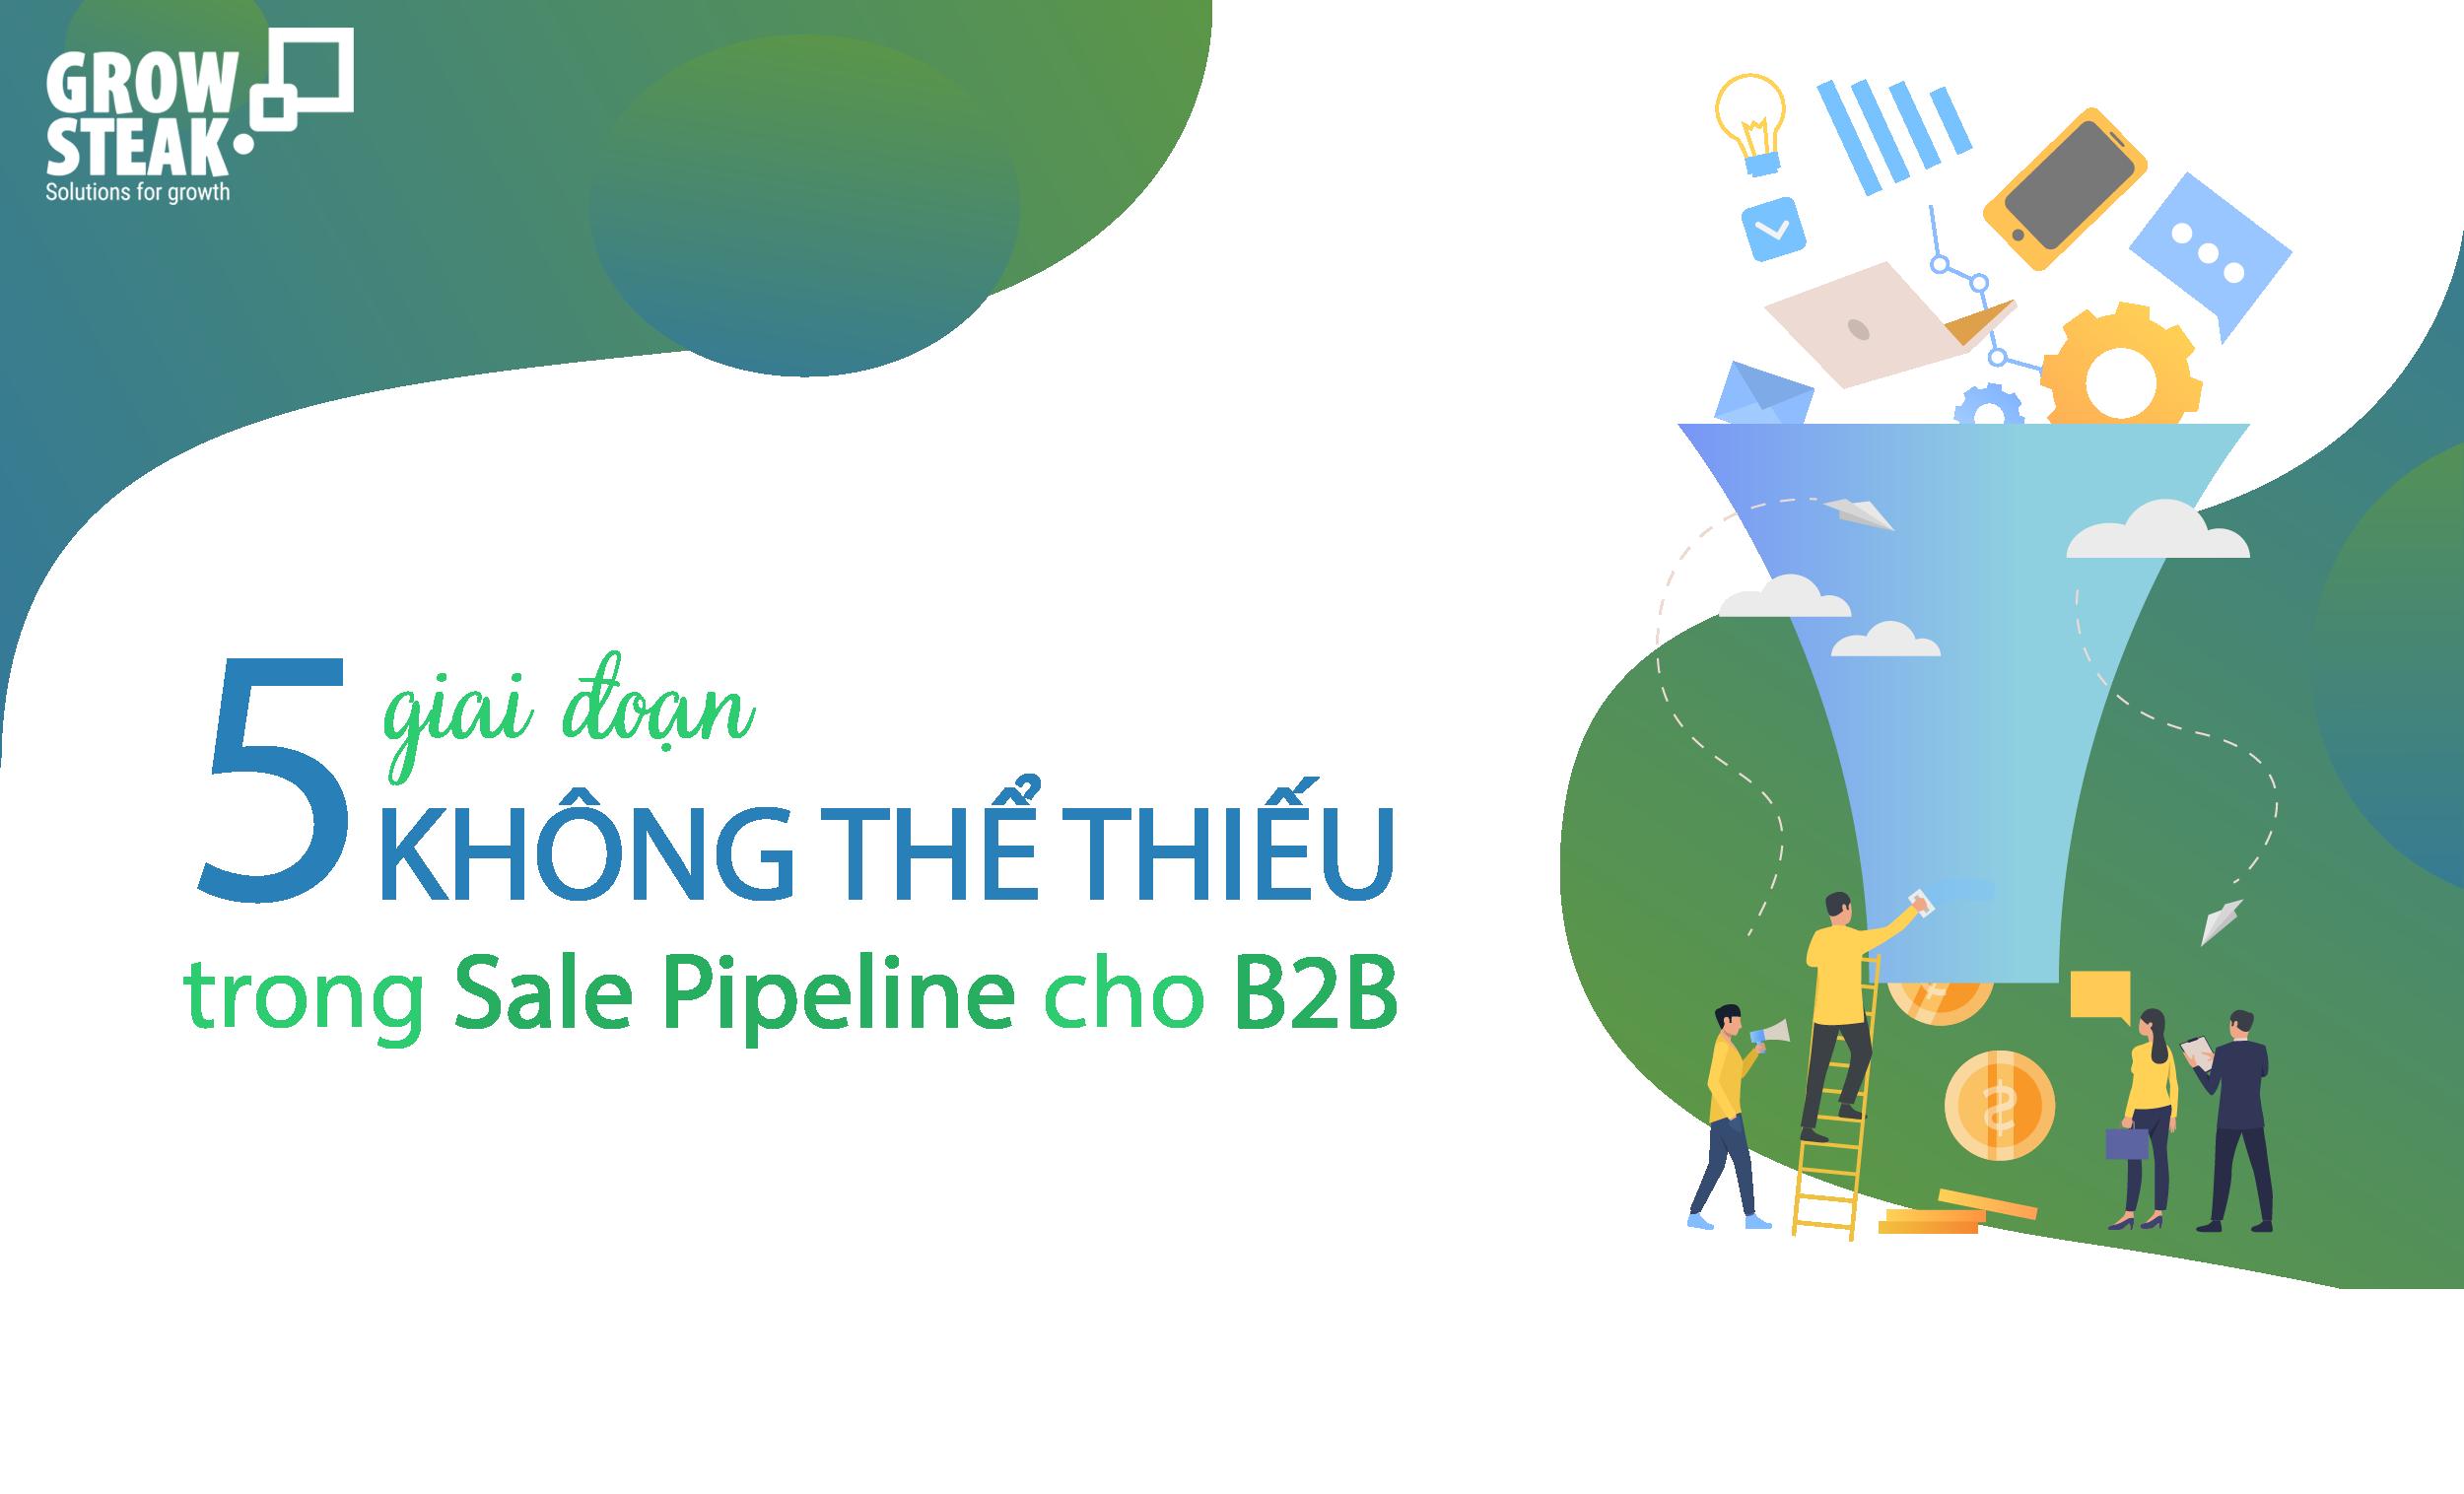 5 giai doan khong the thieu trong sale pipeline